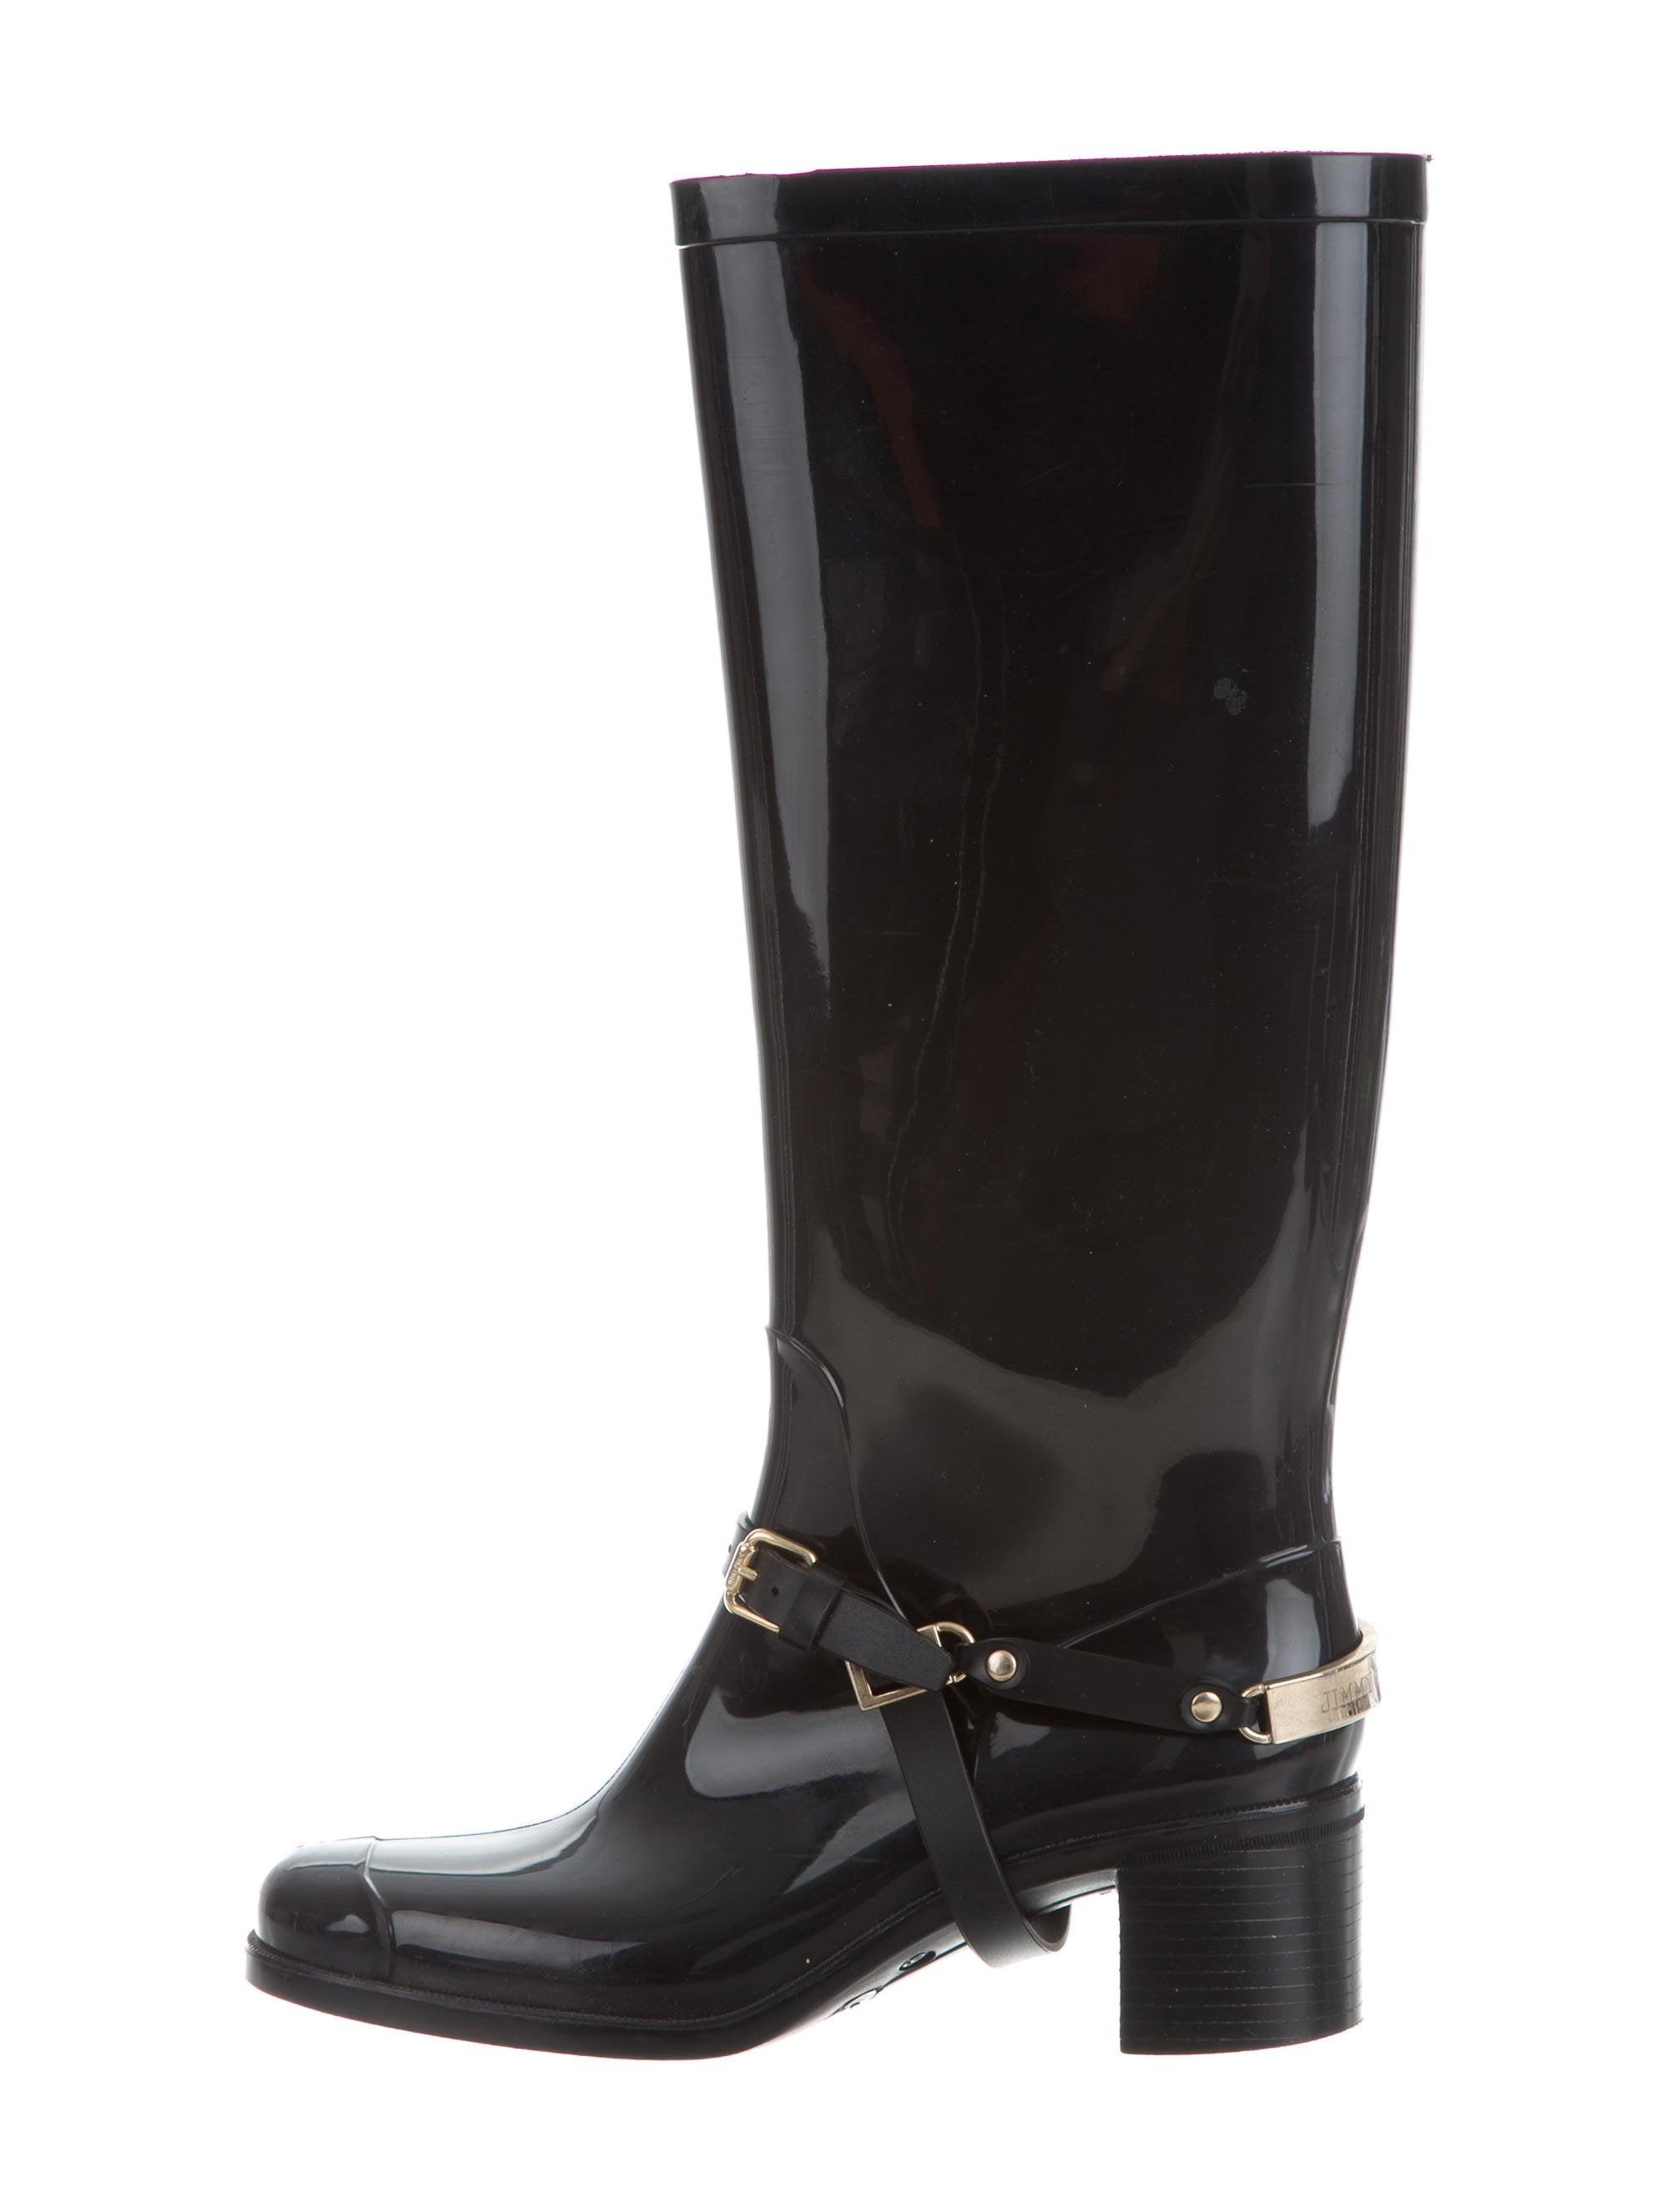 Jimmy Choo Logo Knee-High Rain Boots clearance real cykKe3g